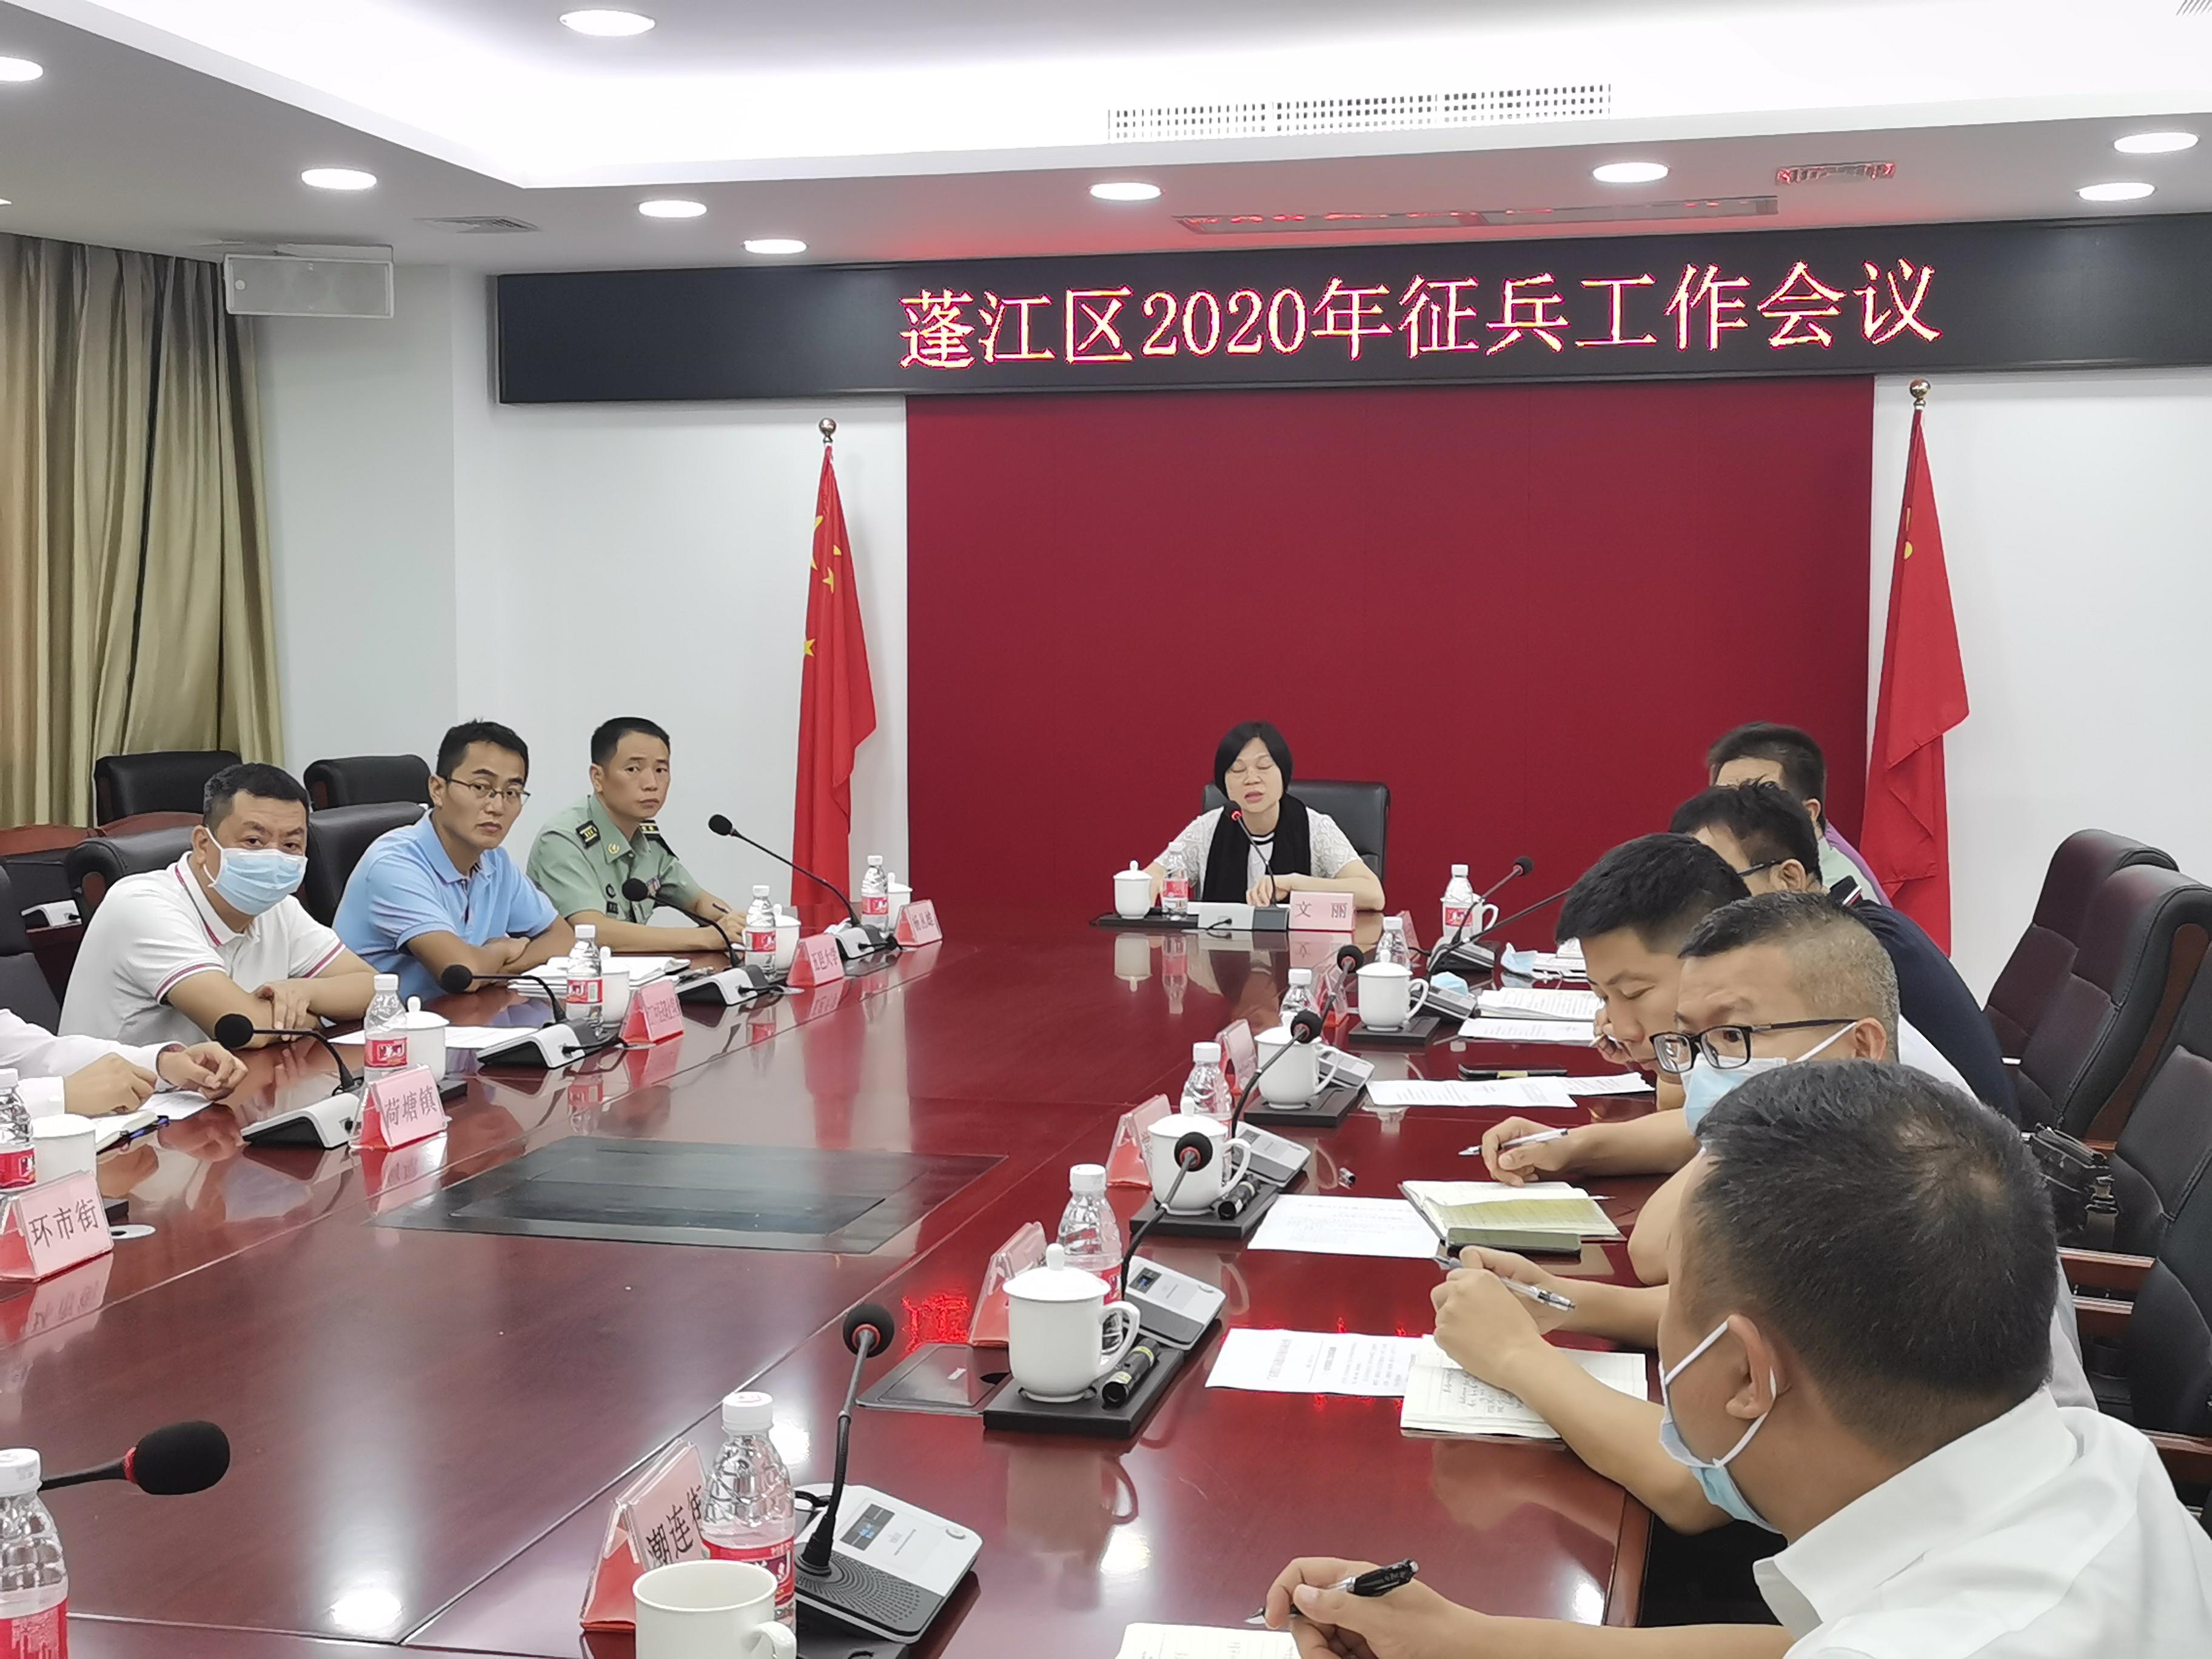 蓬江區召開2020年征兵工作會議 要求高標準高質量完成征兵任務